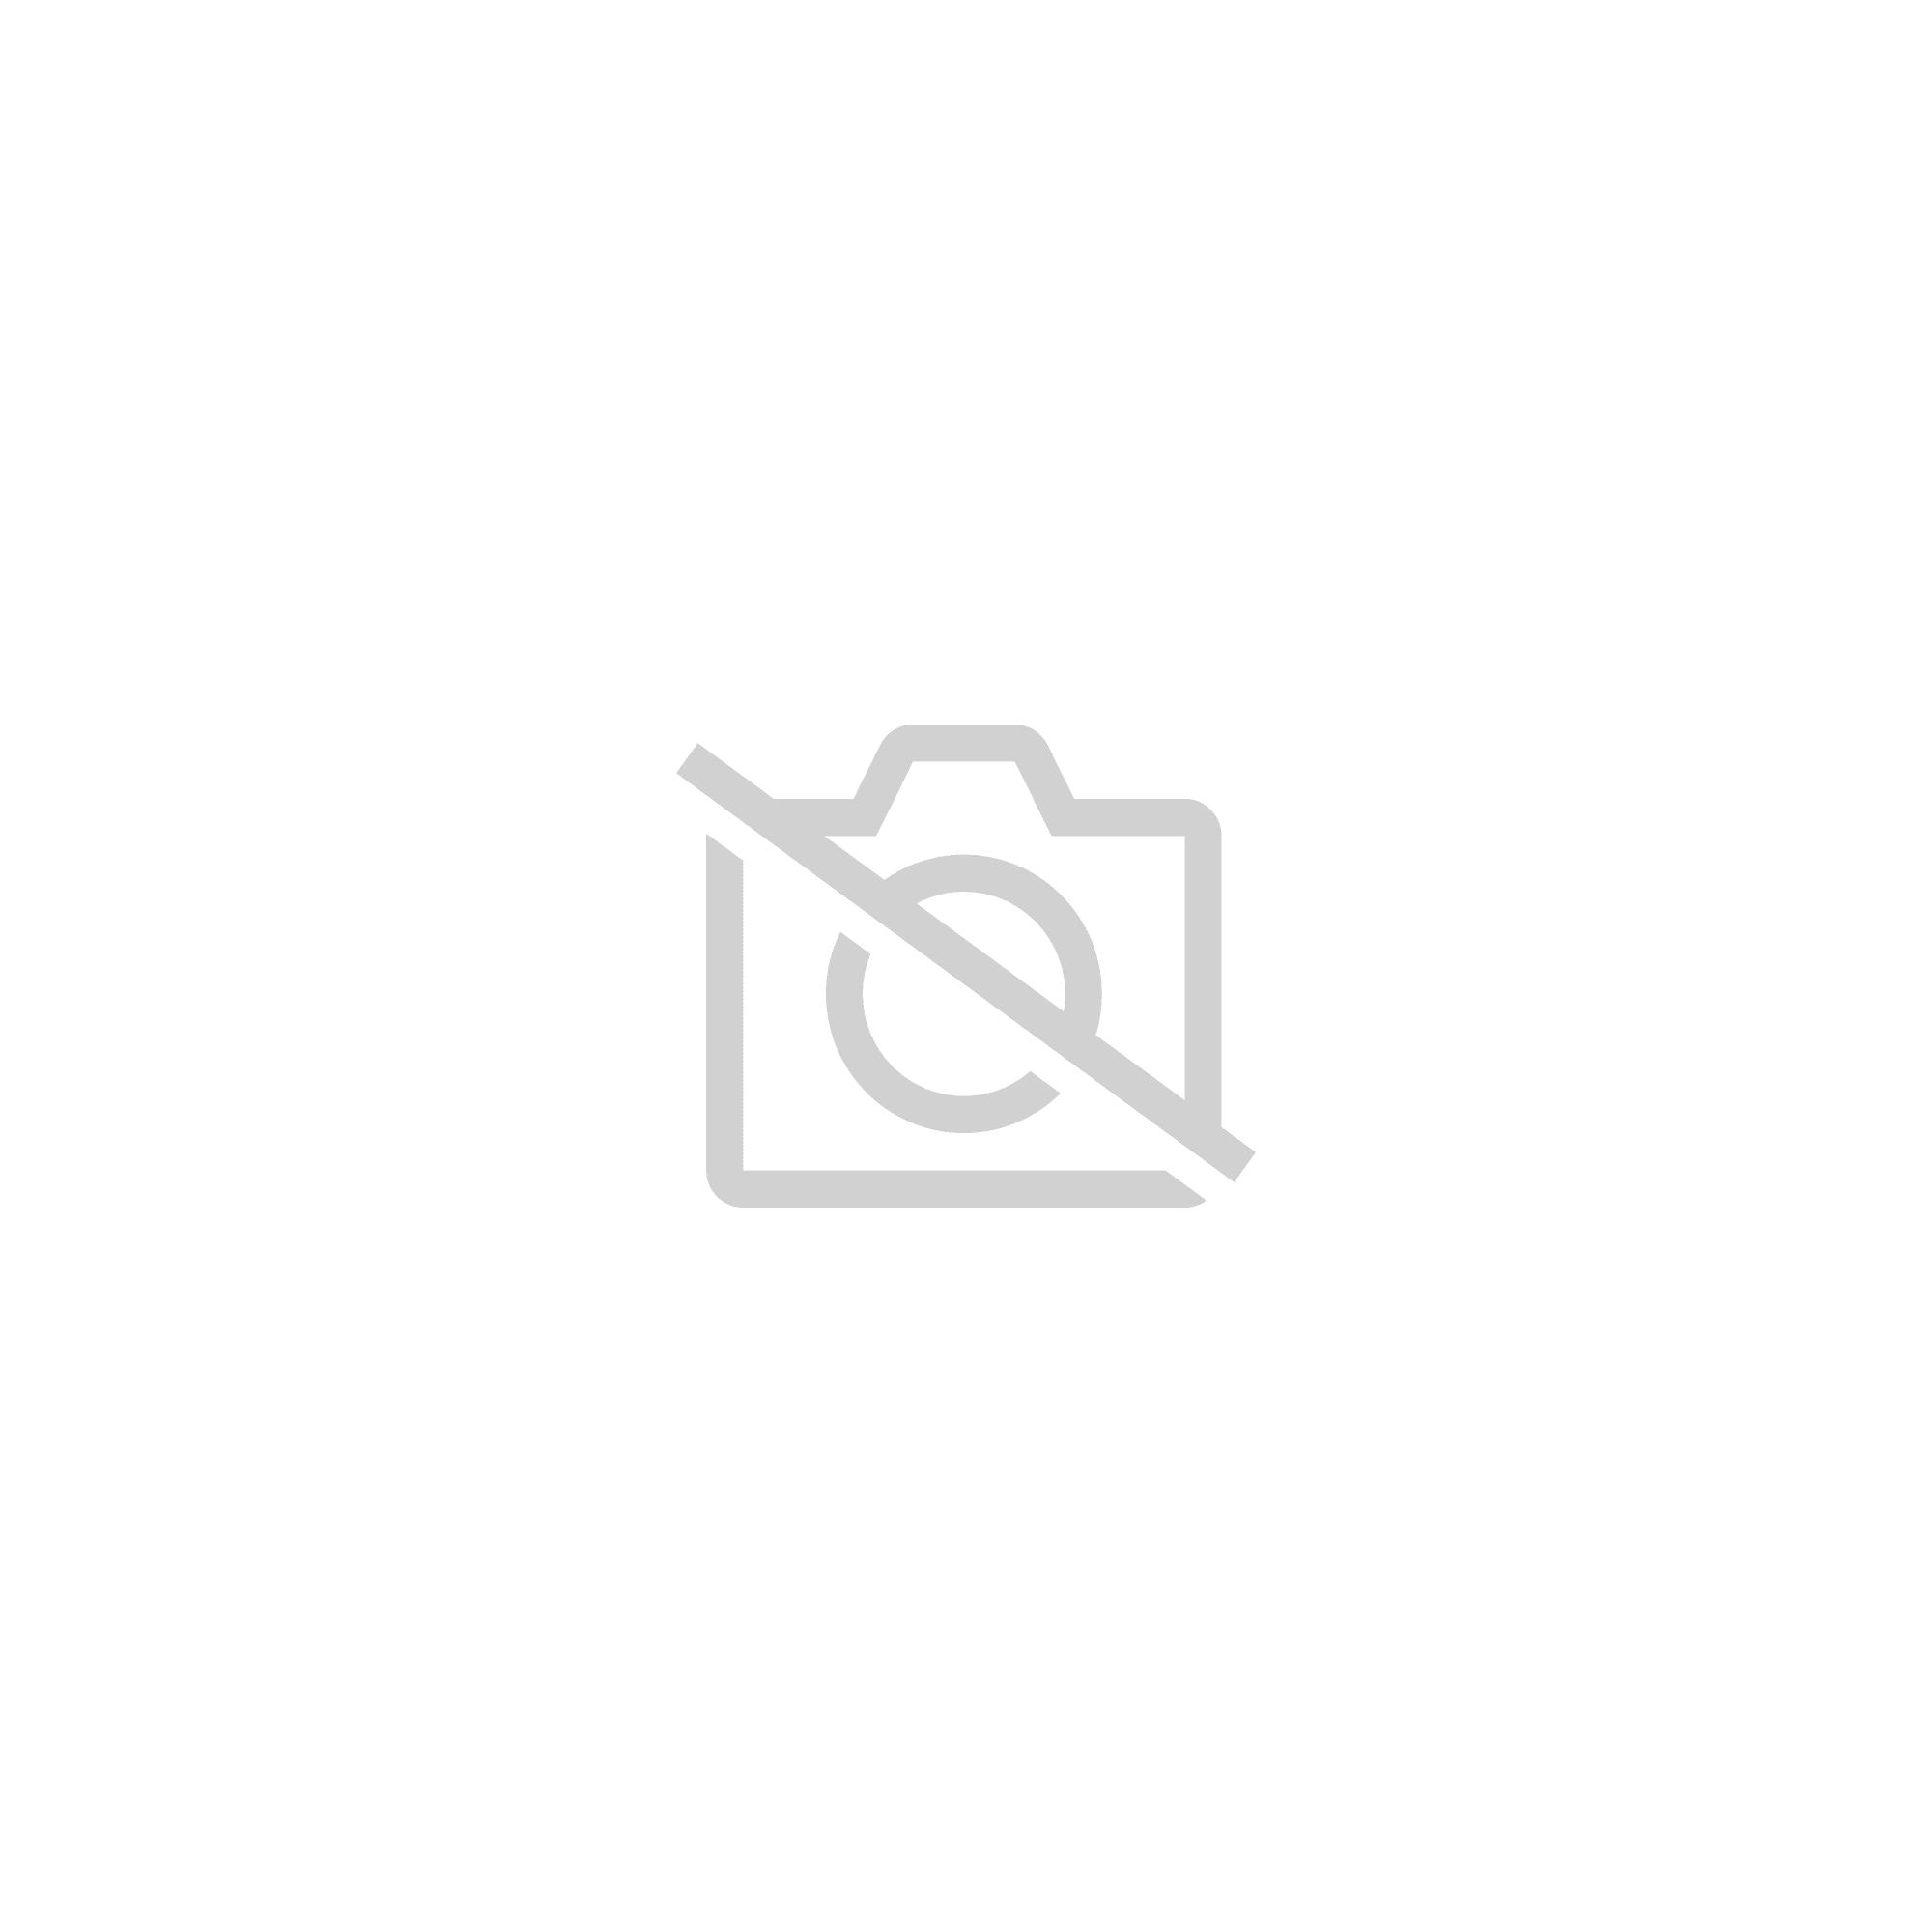 Stephen King - Mr Mercedes - La trilogie de l'inspecteur Hodges tome 1 1009562836